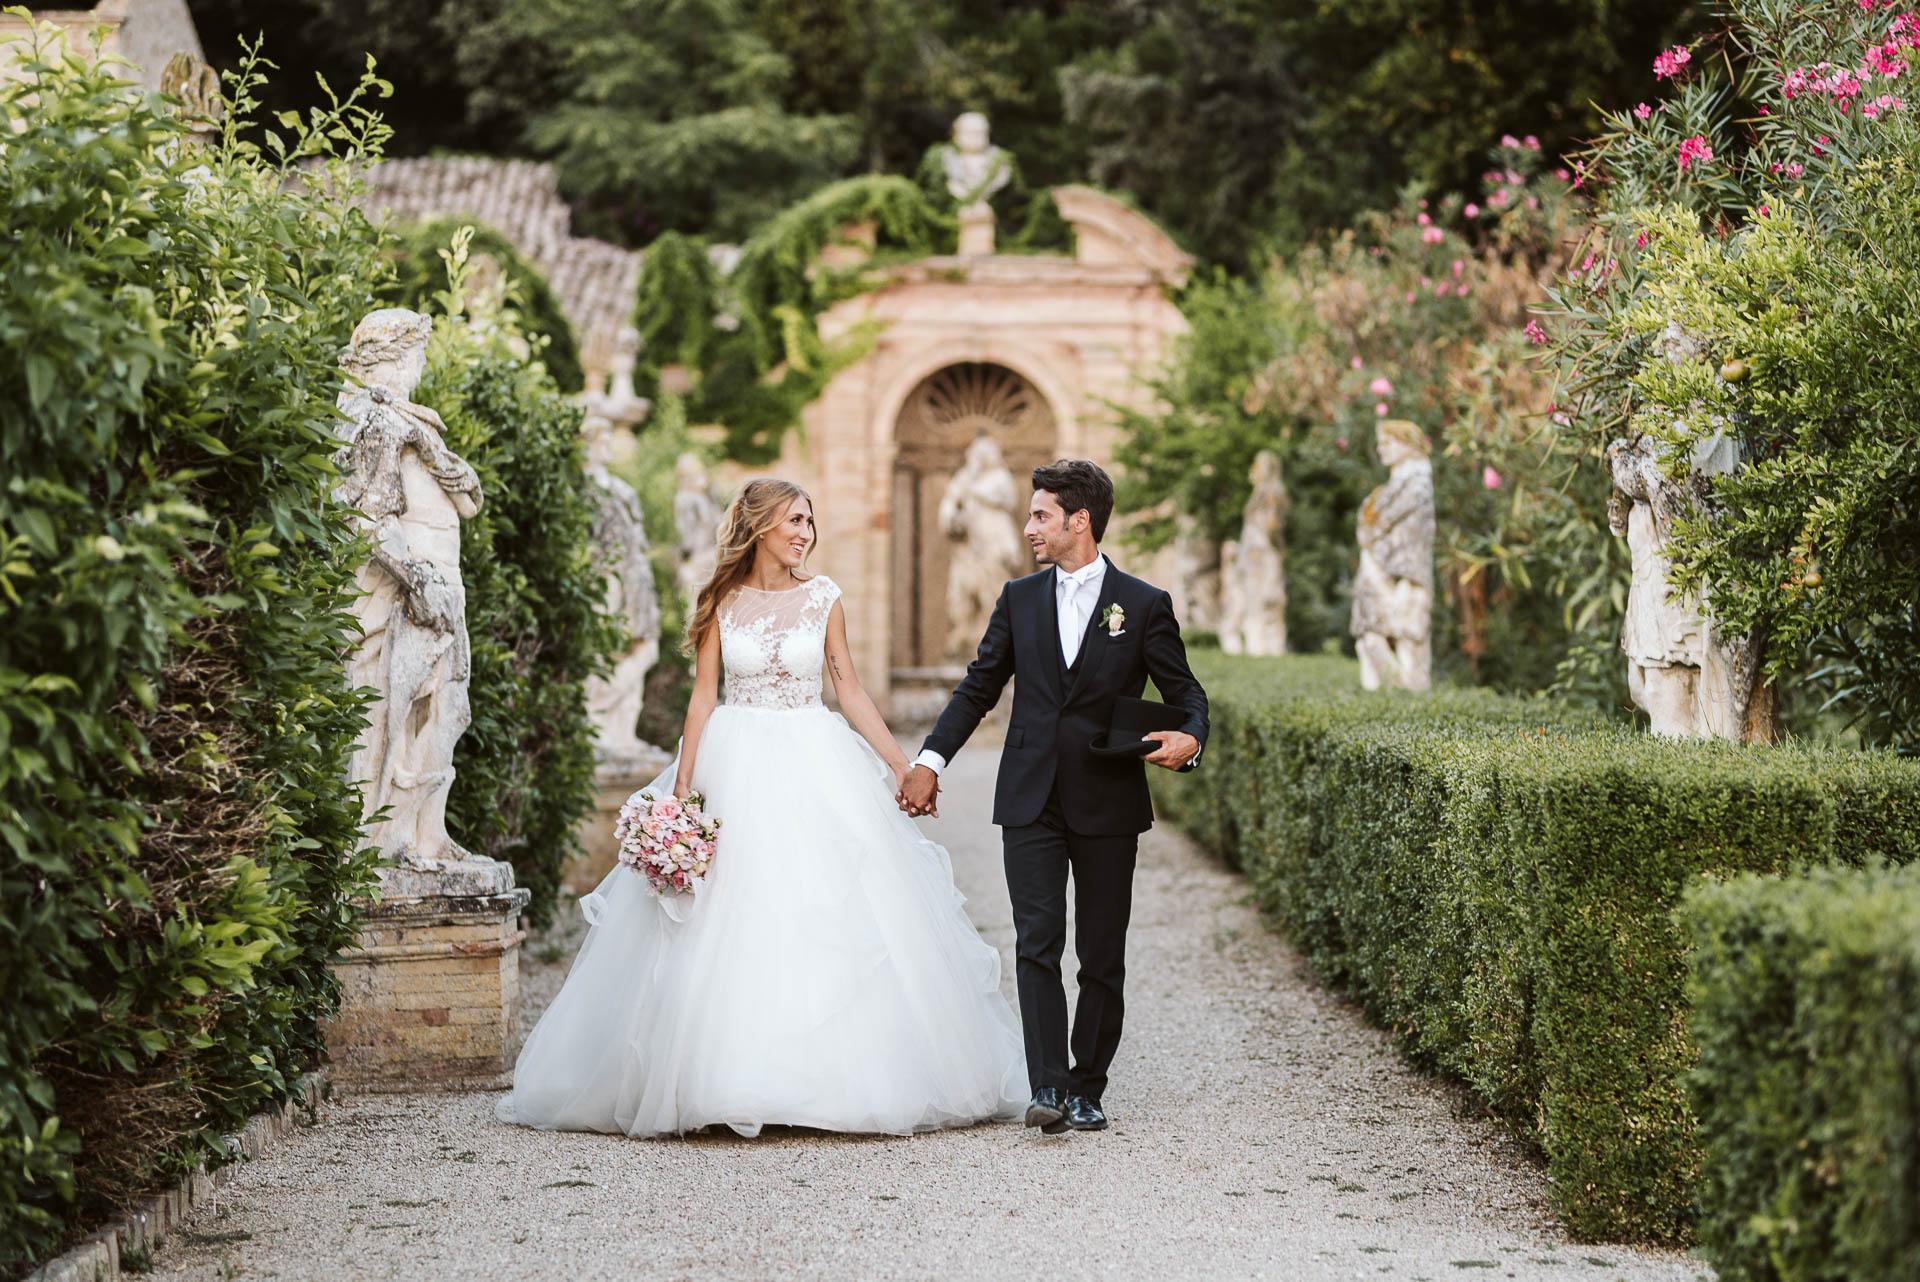 Matrimonio In Fotografia : Matrimonio a villa buonaccorsi marche m f mamaphoto